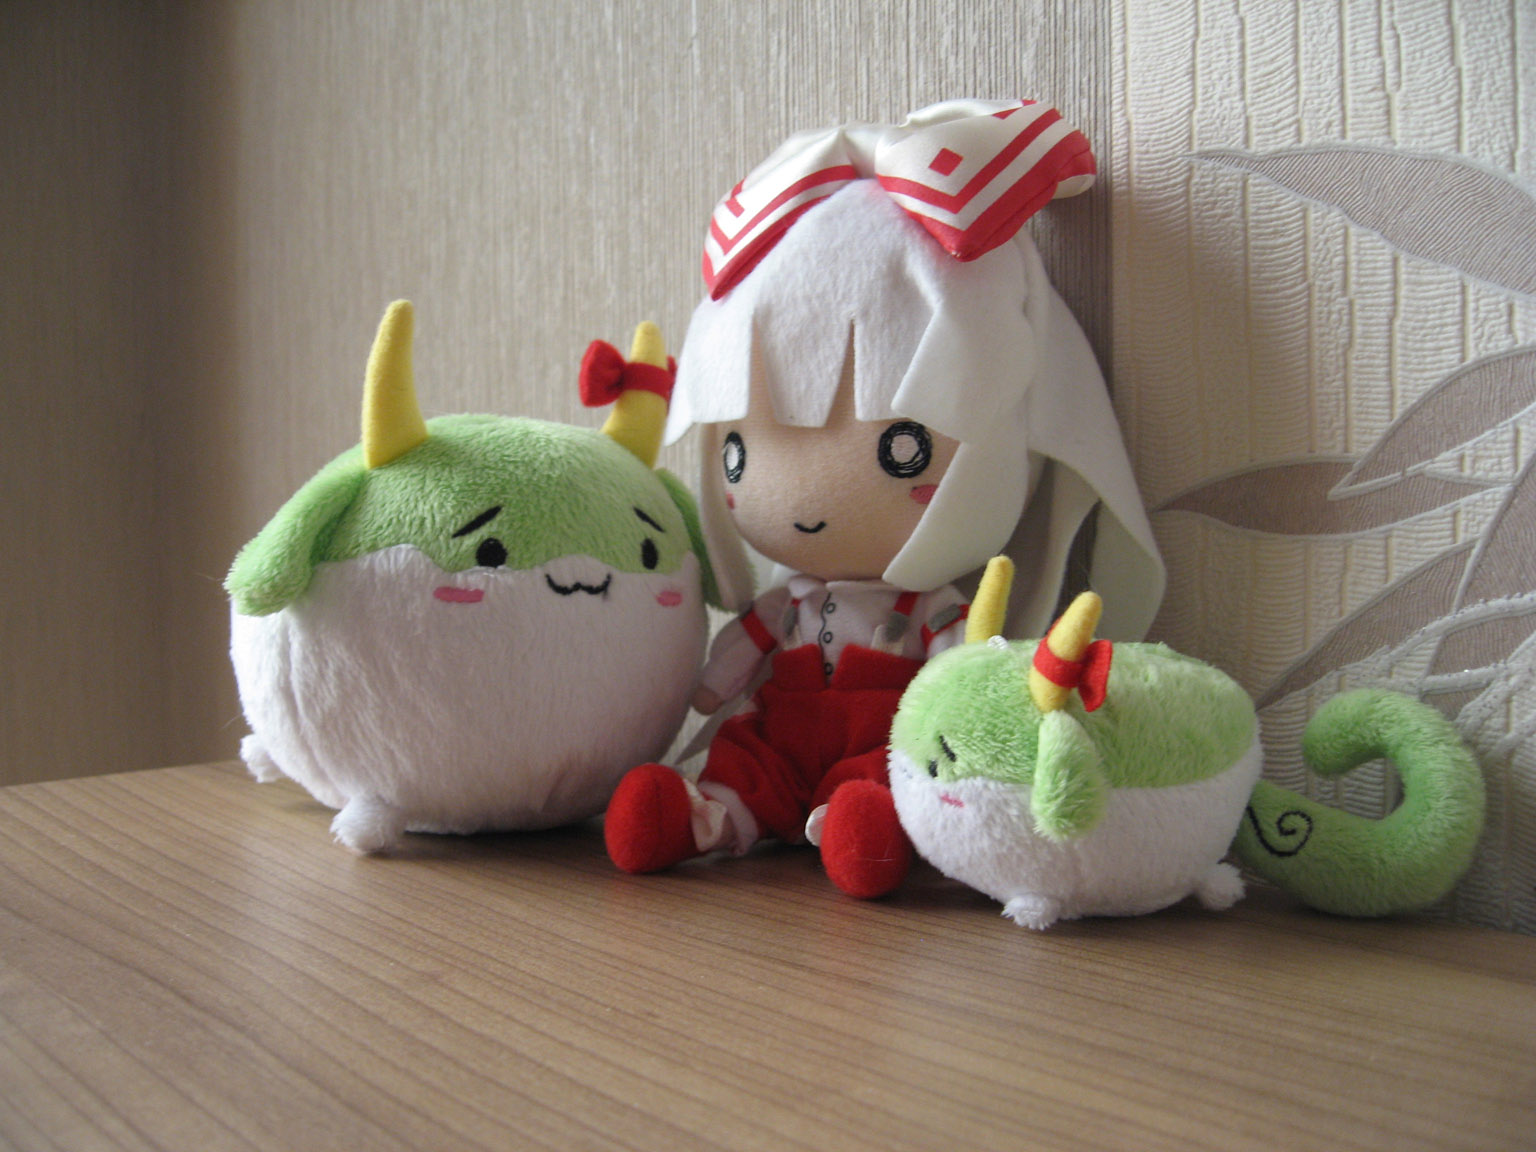 ribbon horns plush touhou_project red_ribbon doujinshi kamishirasawa_keine fujiwara_no_mokou doujin_work sukusuku_hakutaku plush_strap phantasm_screen nuko_de_ppou ooeru funifuni